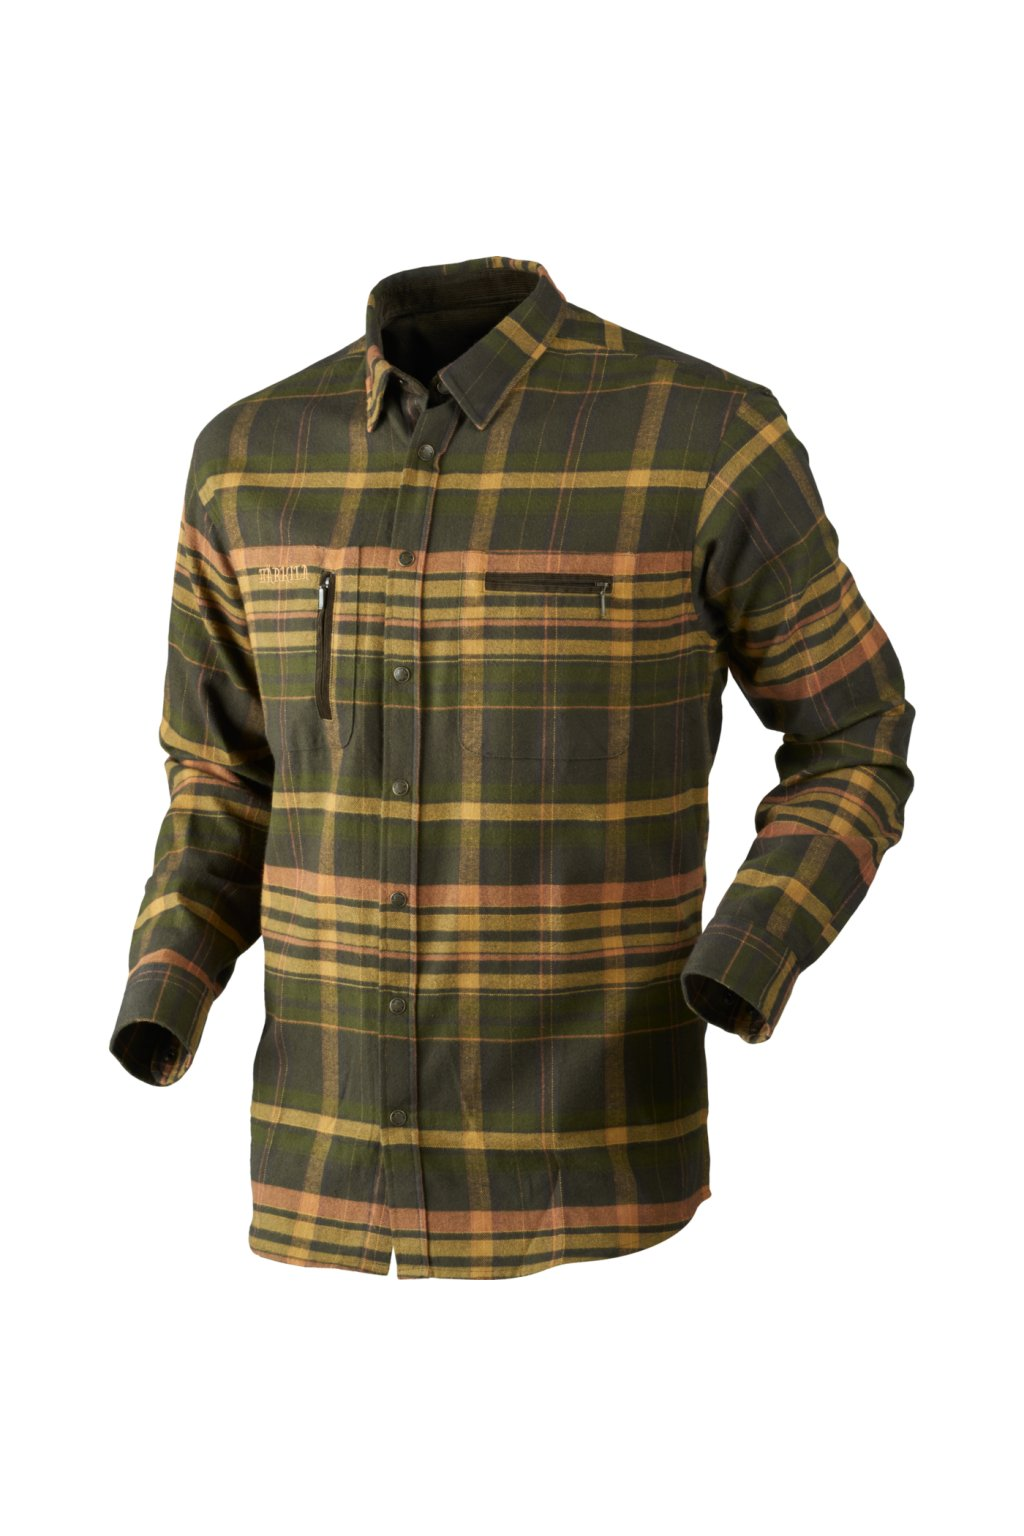 HÄRKILA - Eide košile pánská (Shadow brown check)